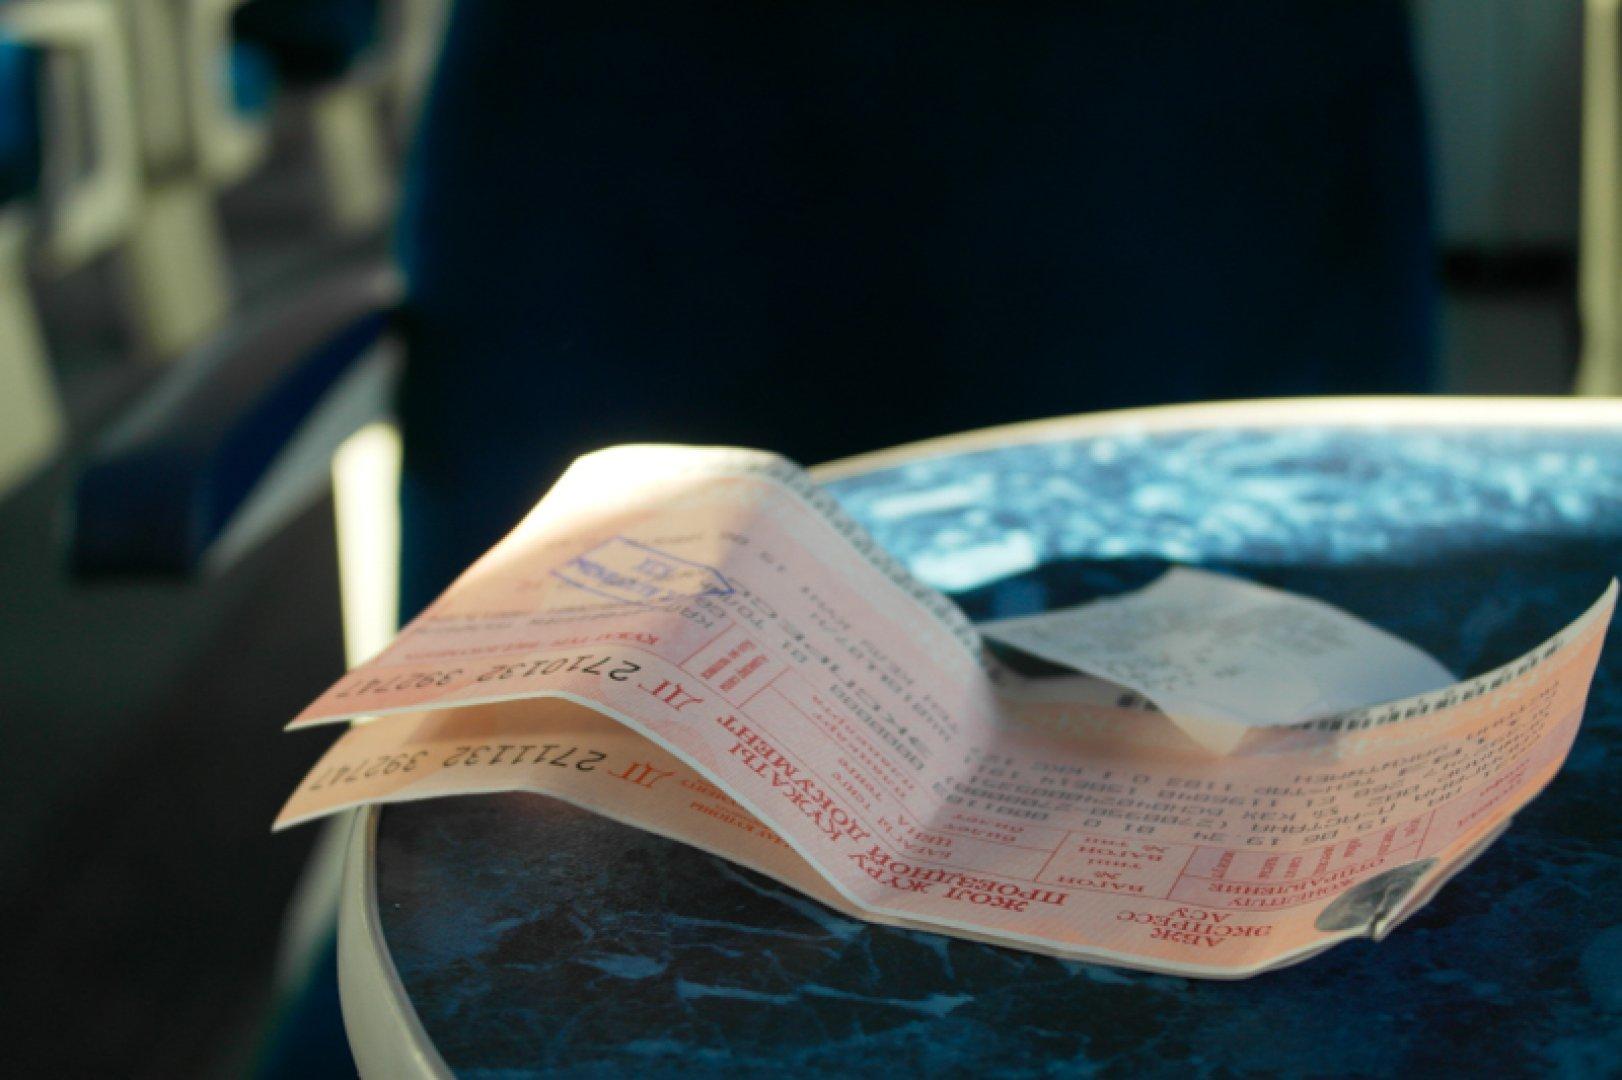 Президент поручил искоренить искусственный дефицит на ж/д билеты